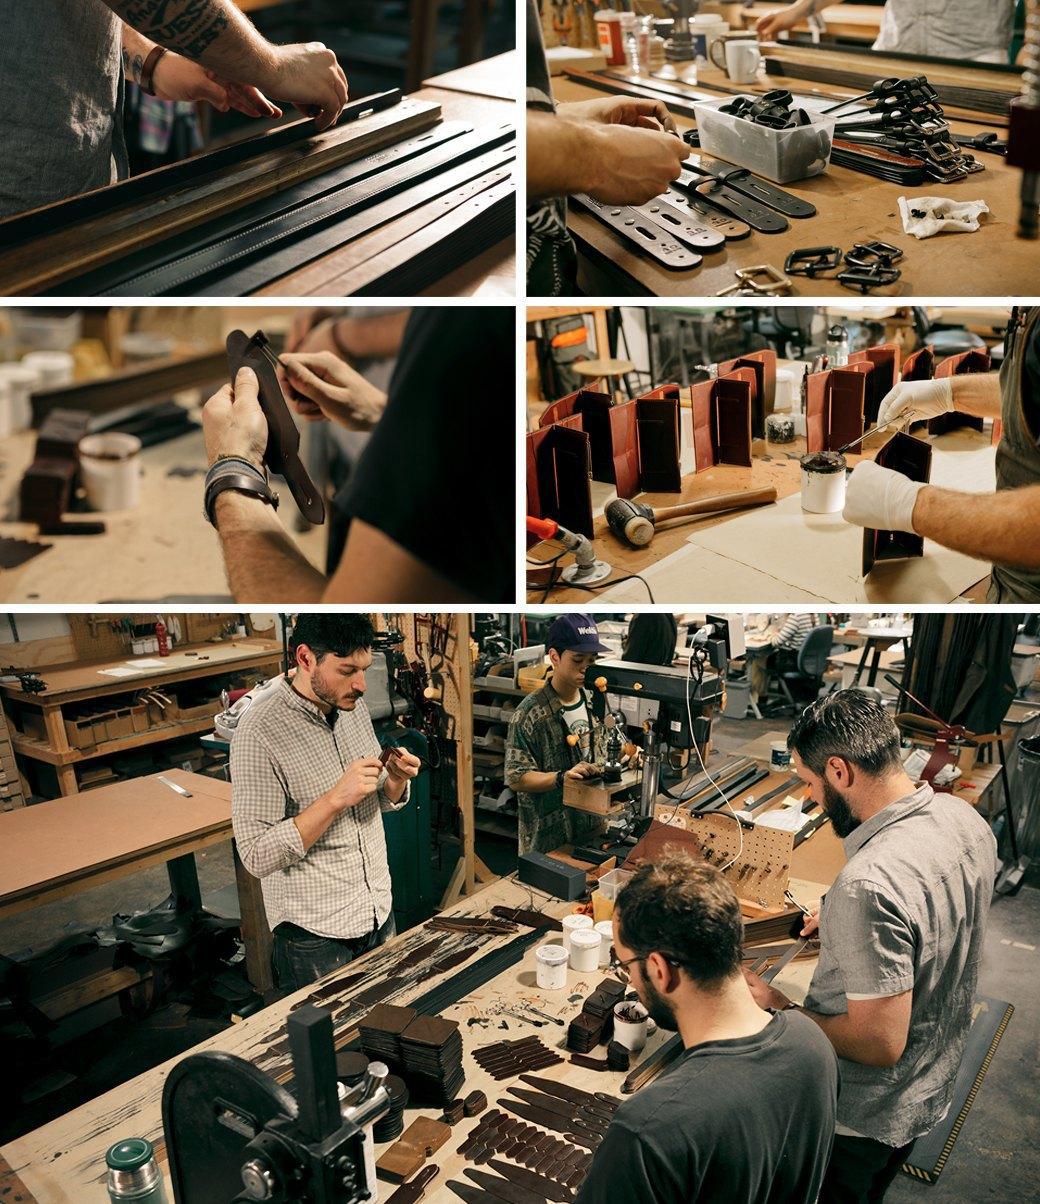 10 репортажей с фабрик одежды и обуви: Alden, Barbour и другие изнутри. Изображение № 8.